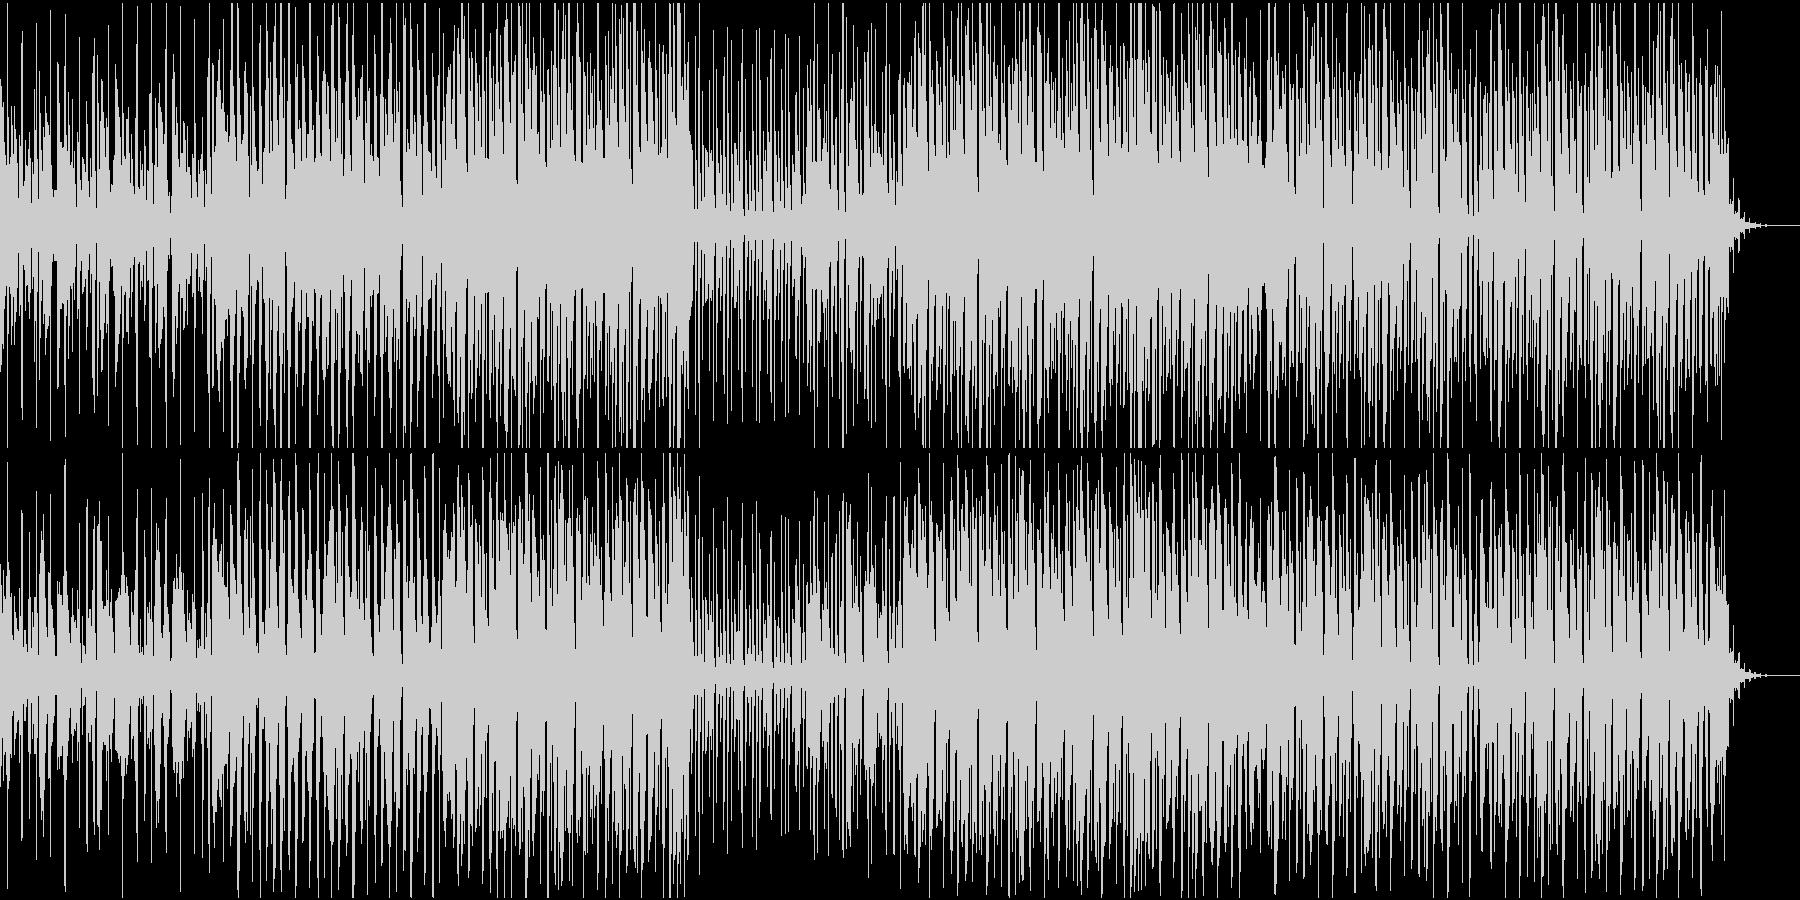 チルハウス系の癒されるBGMです。の未再生の波形